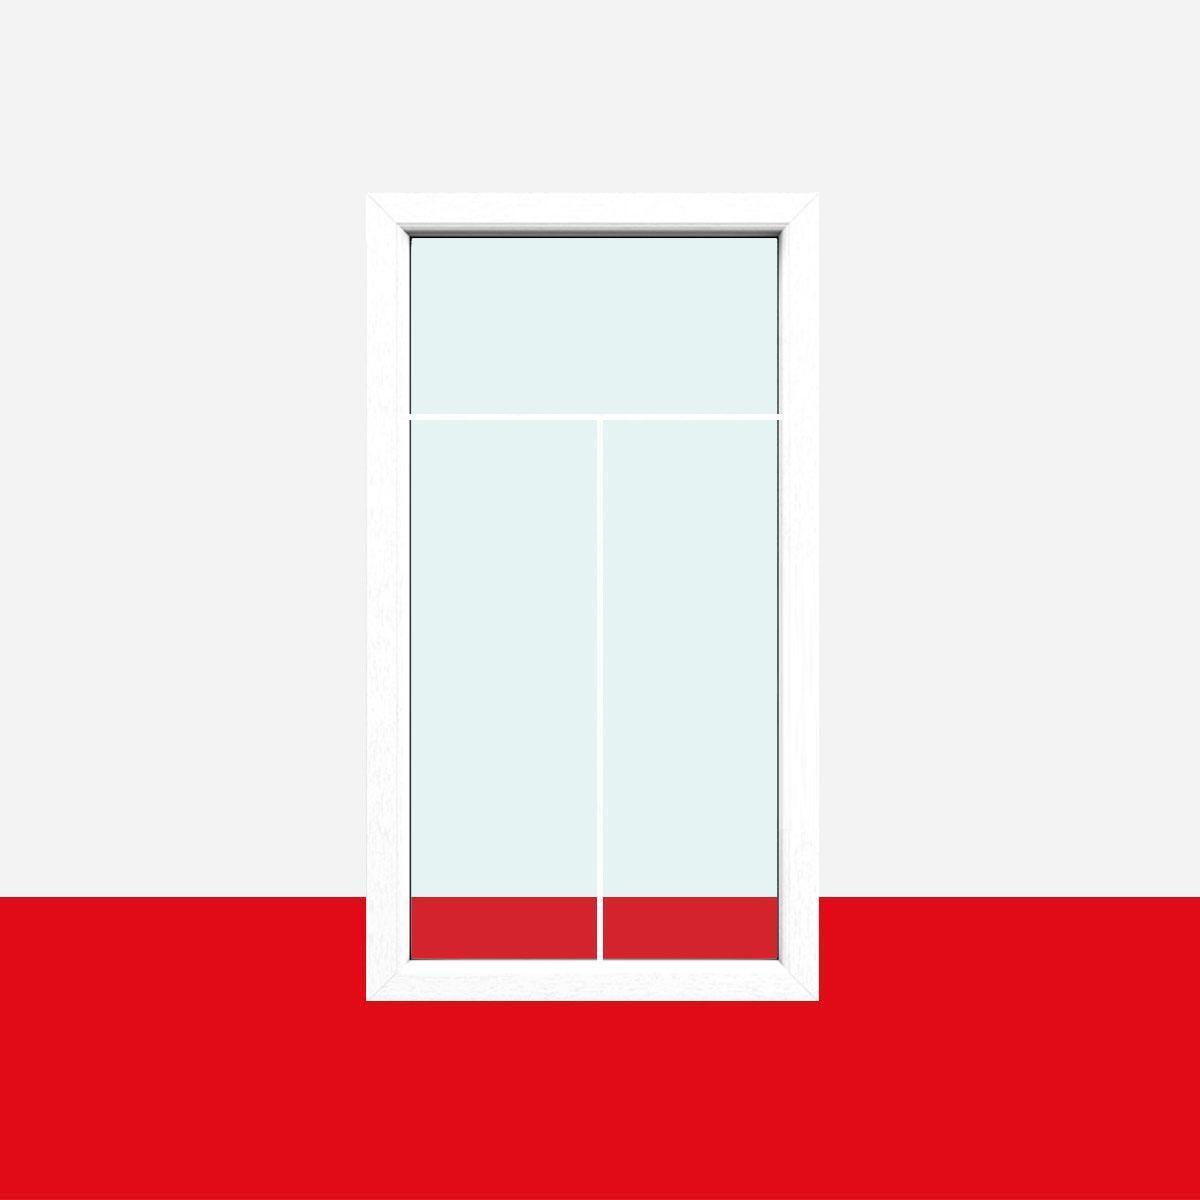 Sprossenfenster Typ 3 Felder Weiß   1 Flg. Festverglasung Mit 8mm SZR  T Sprosse